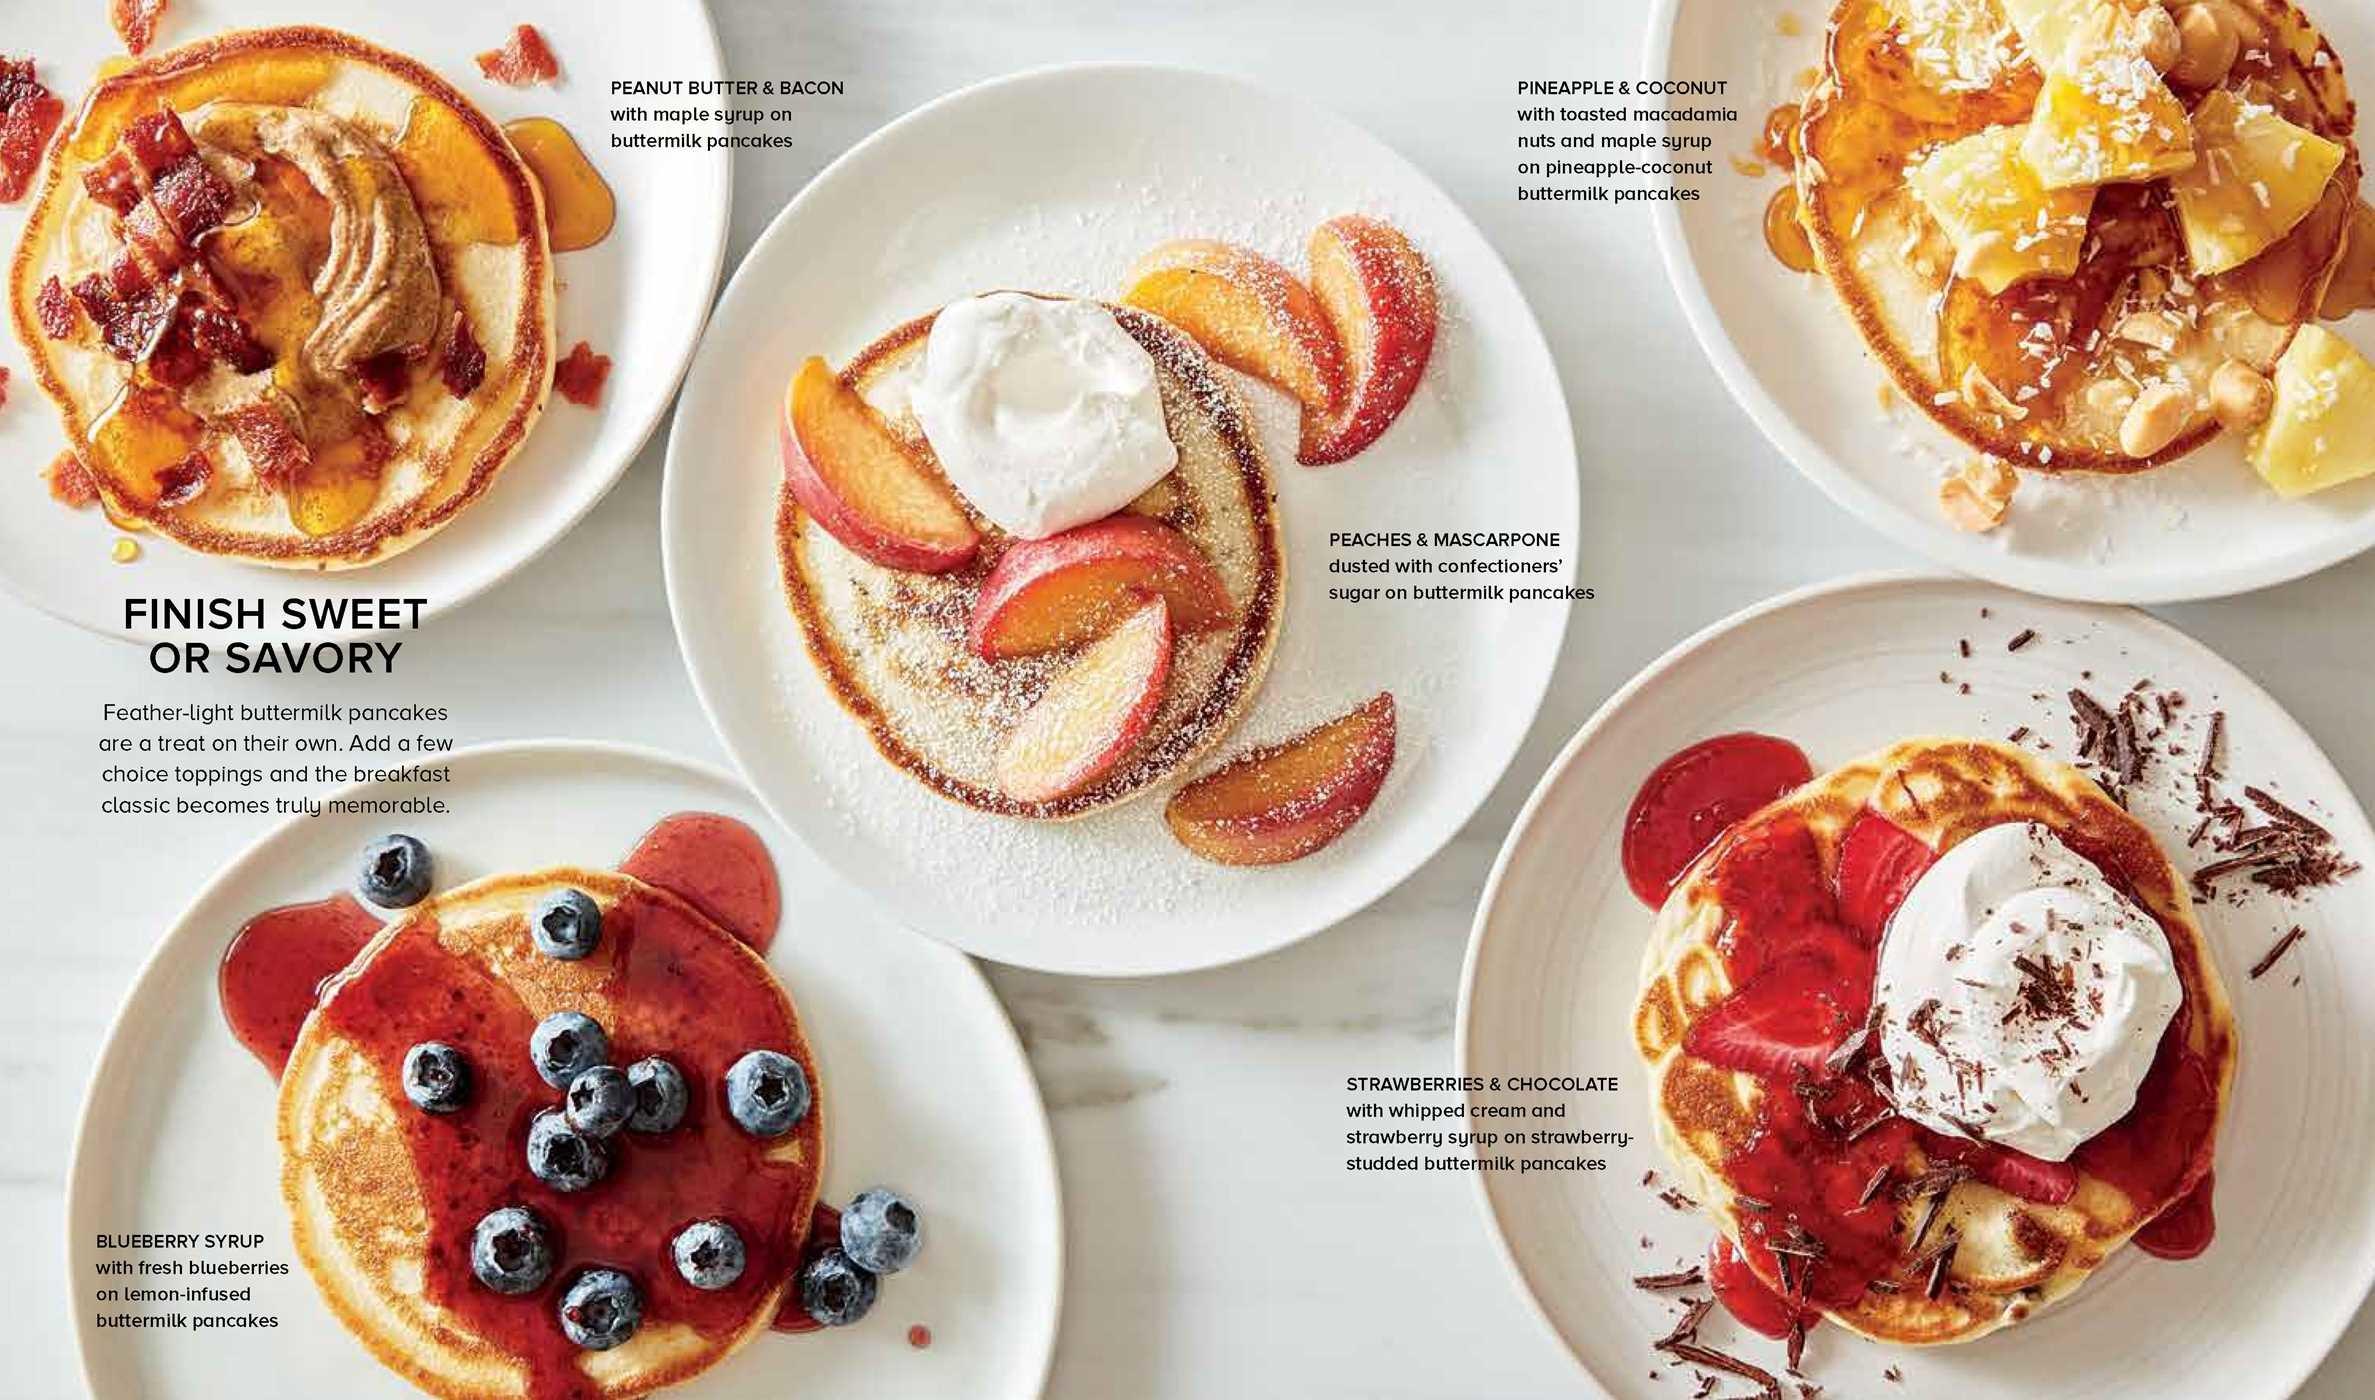 The breakfast bible 9781681882918.in05